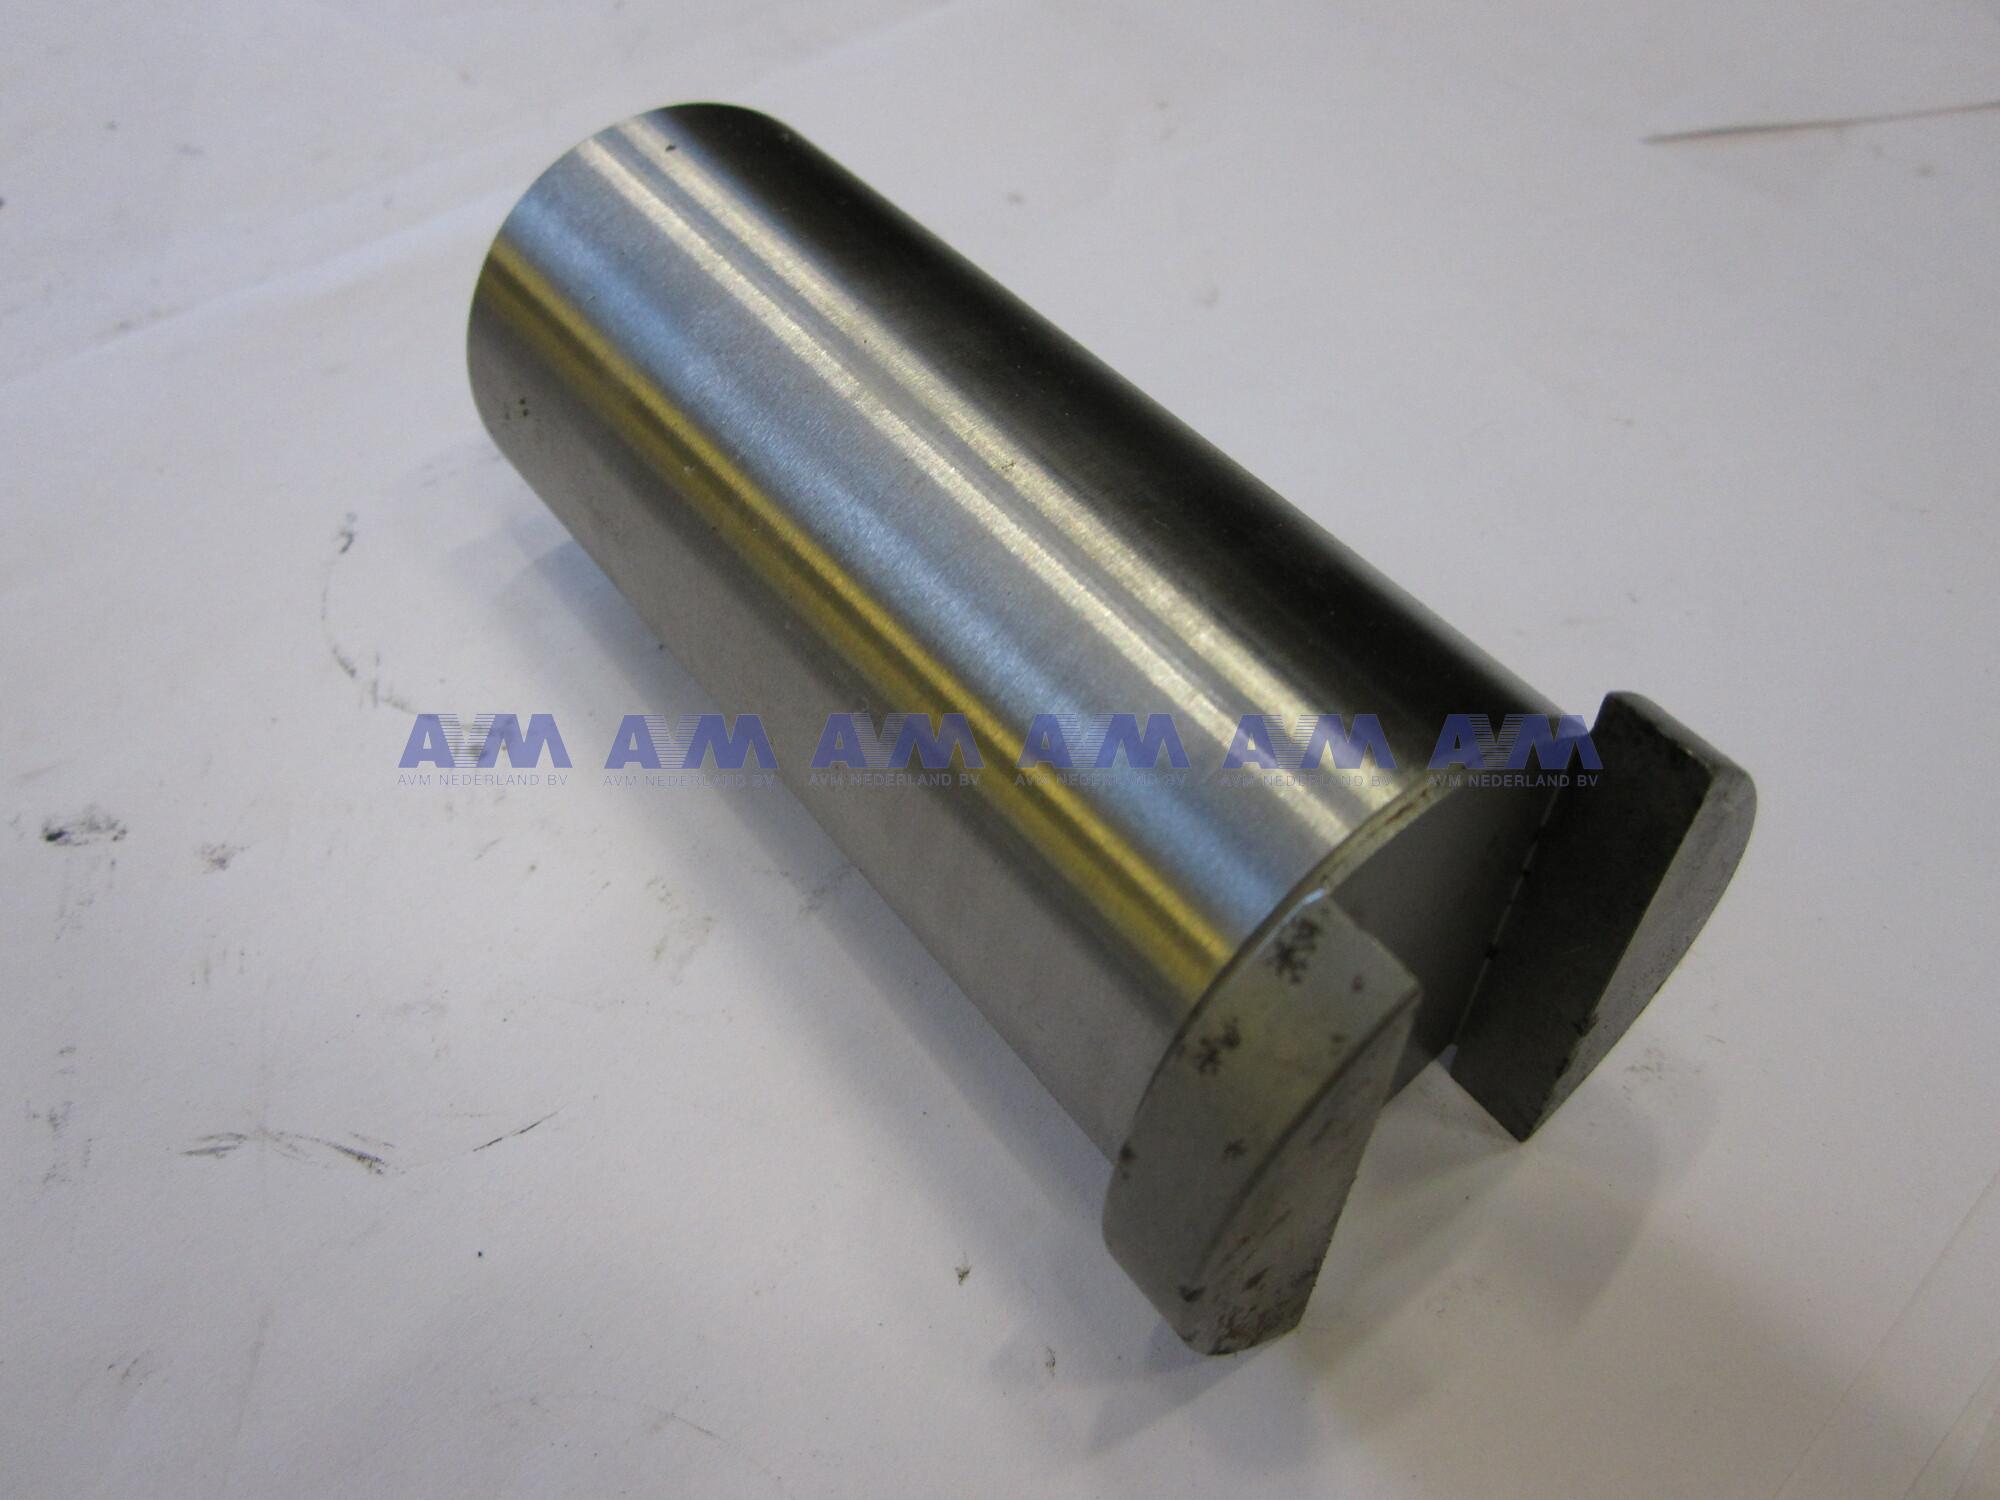 Pen asblokkeercilinder gebruikt 944682708-G Liebherr